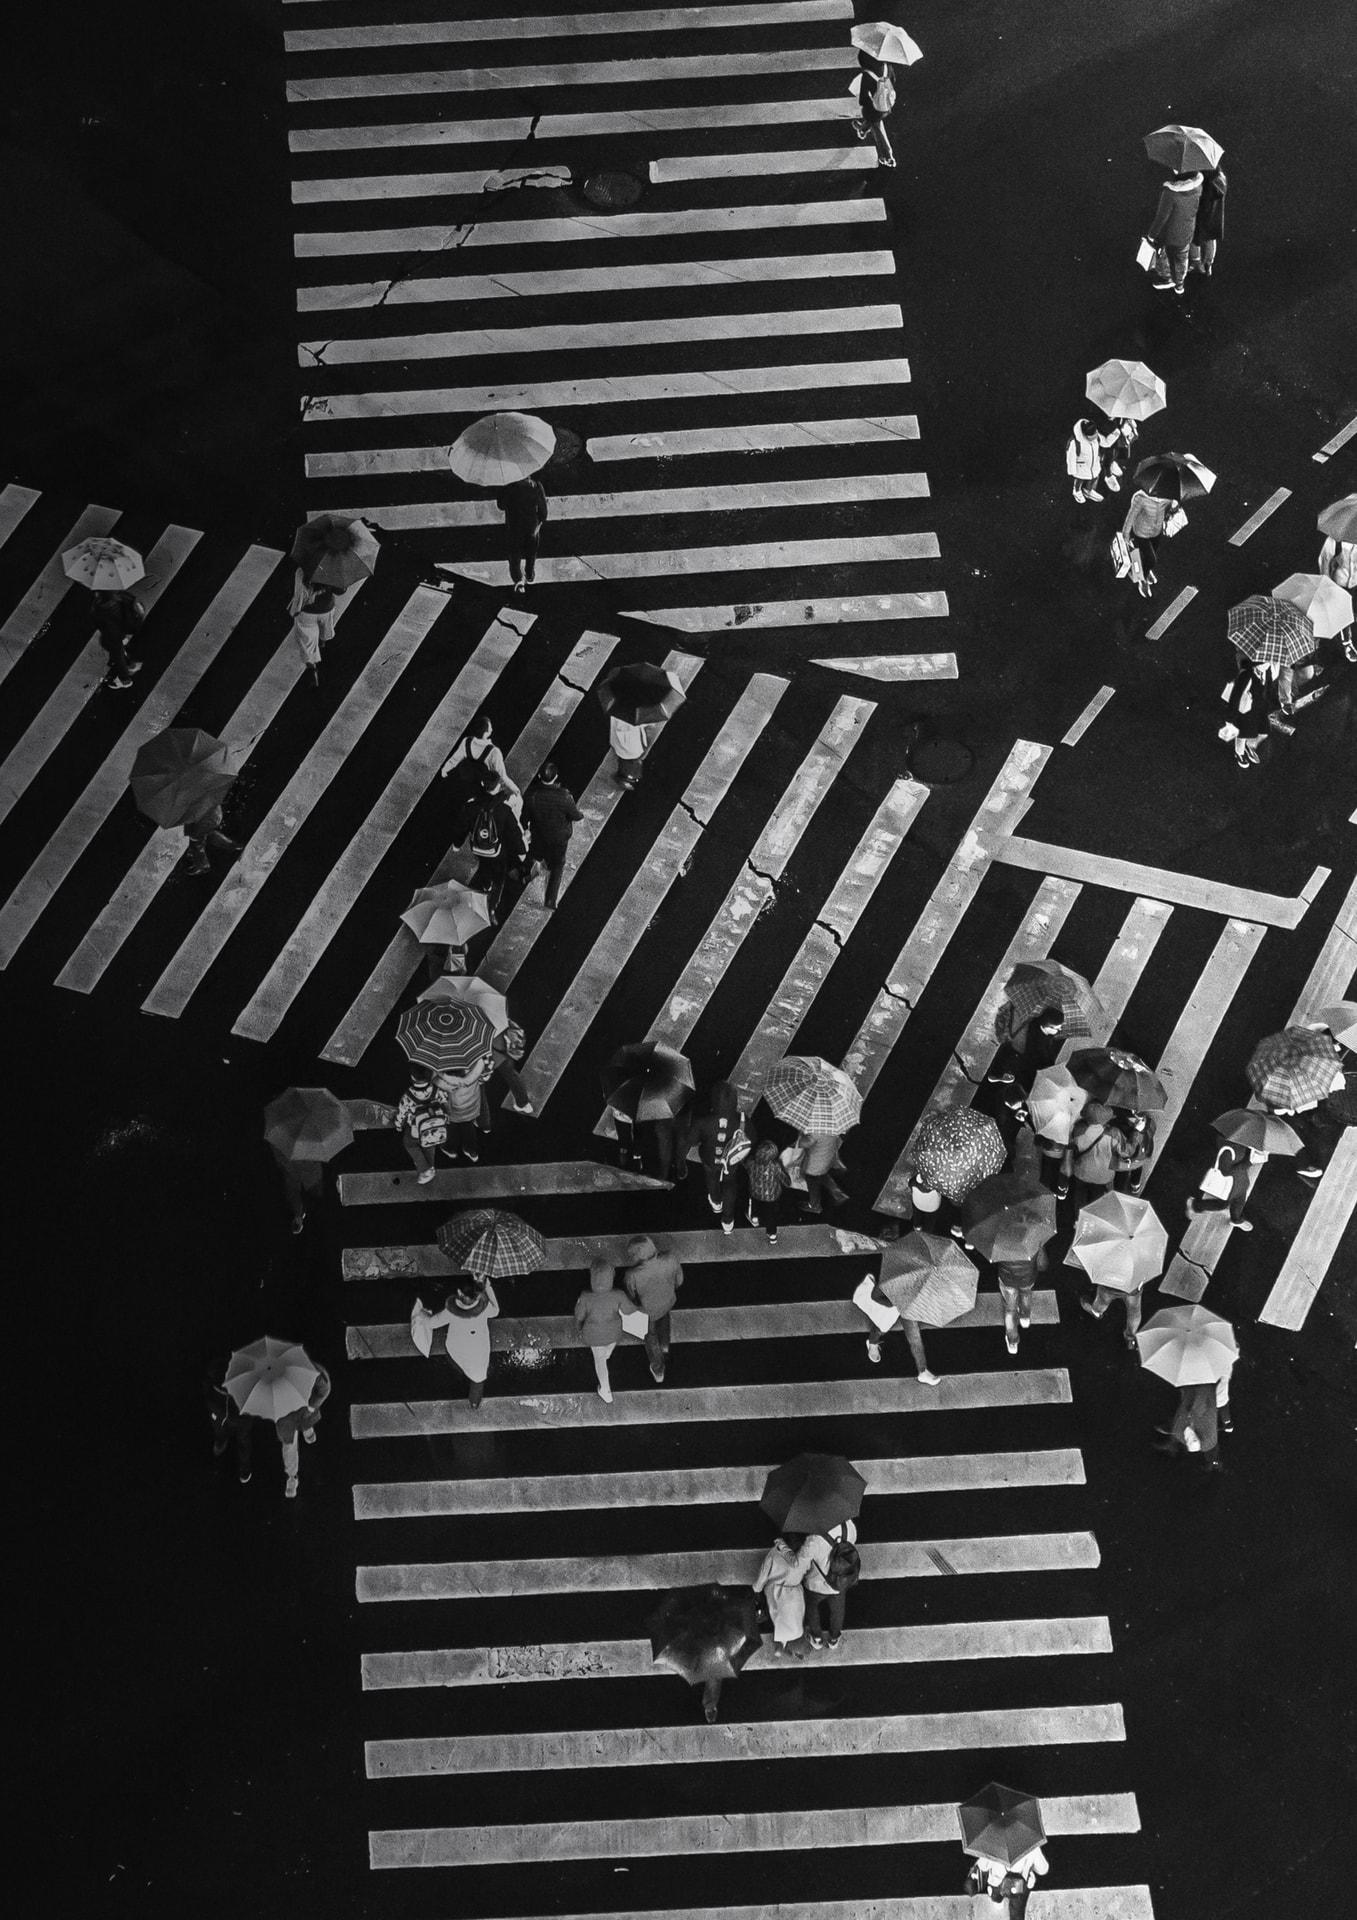 Zebrastreifen als Symbol für unterschiedliche Wege in der Vermarktung